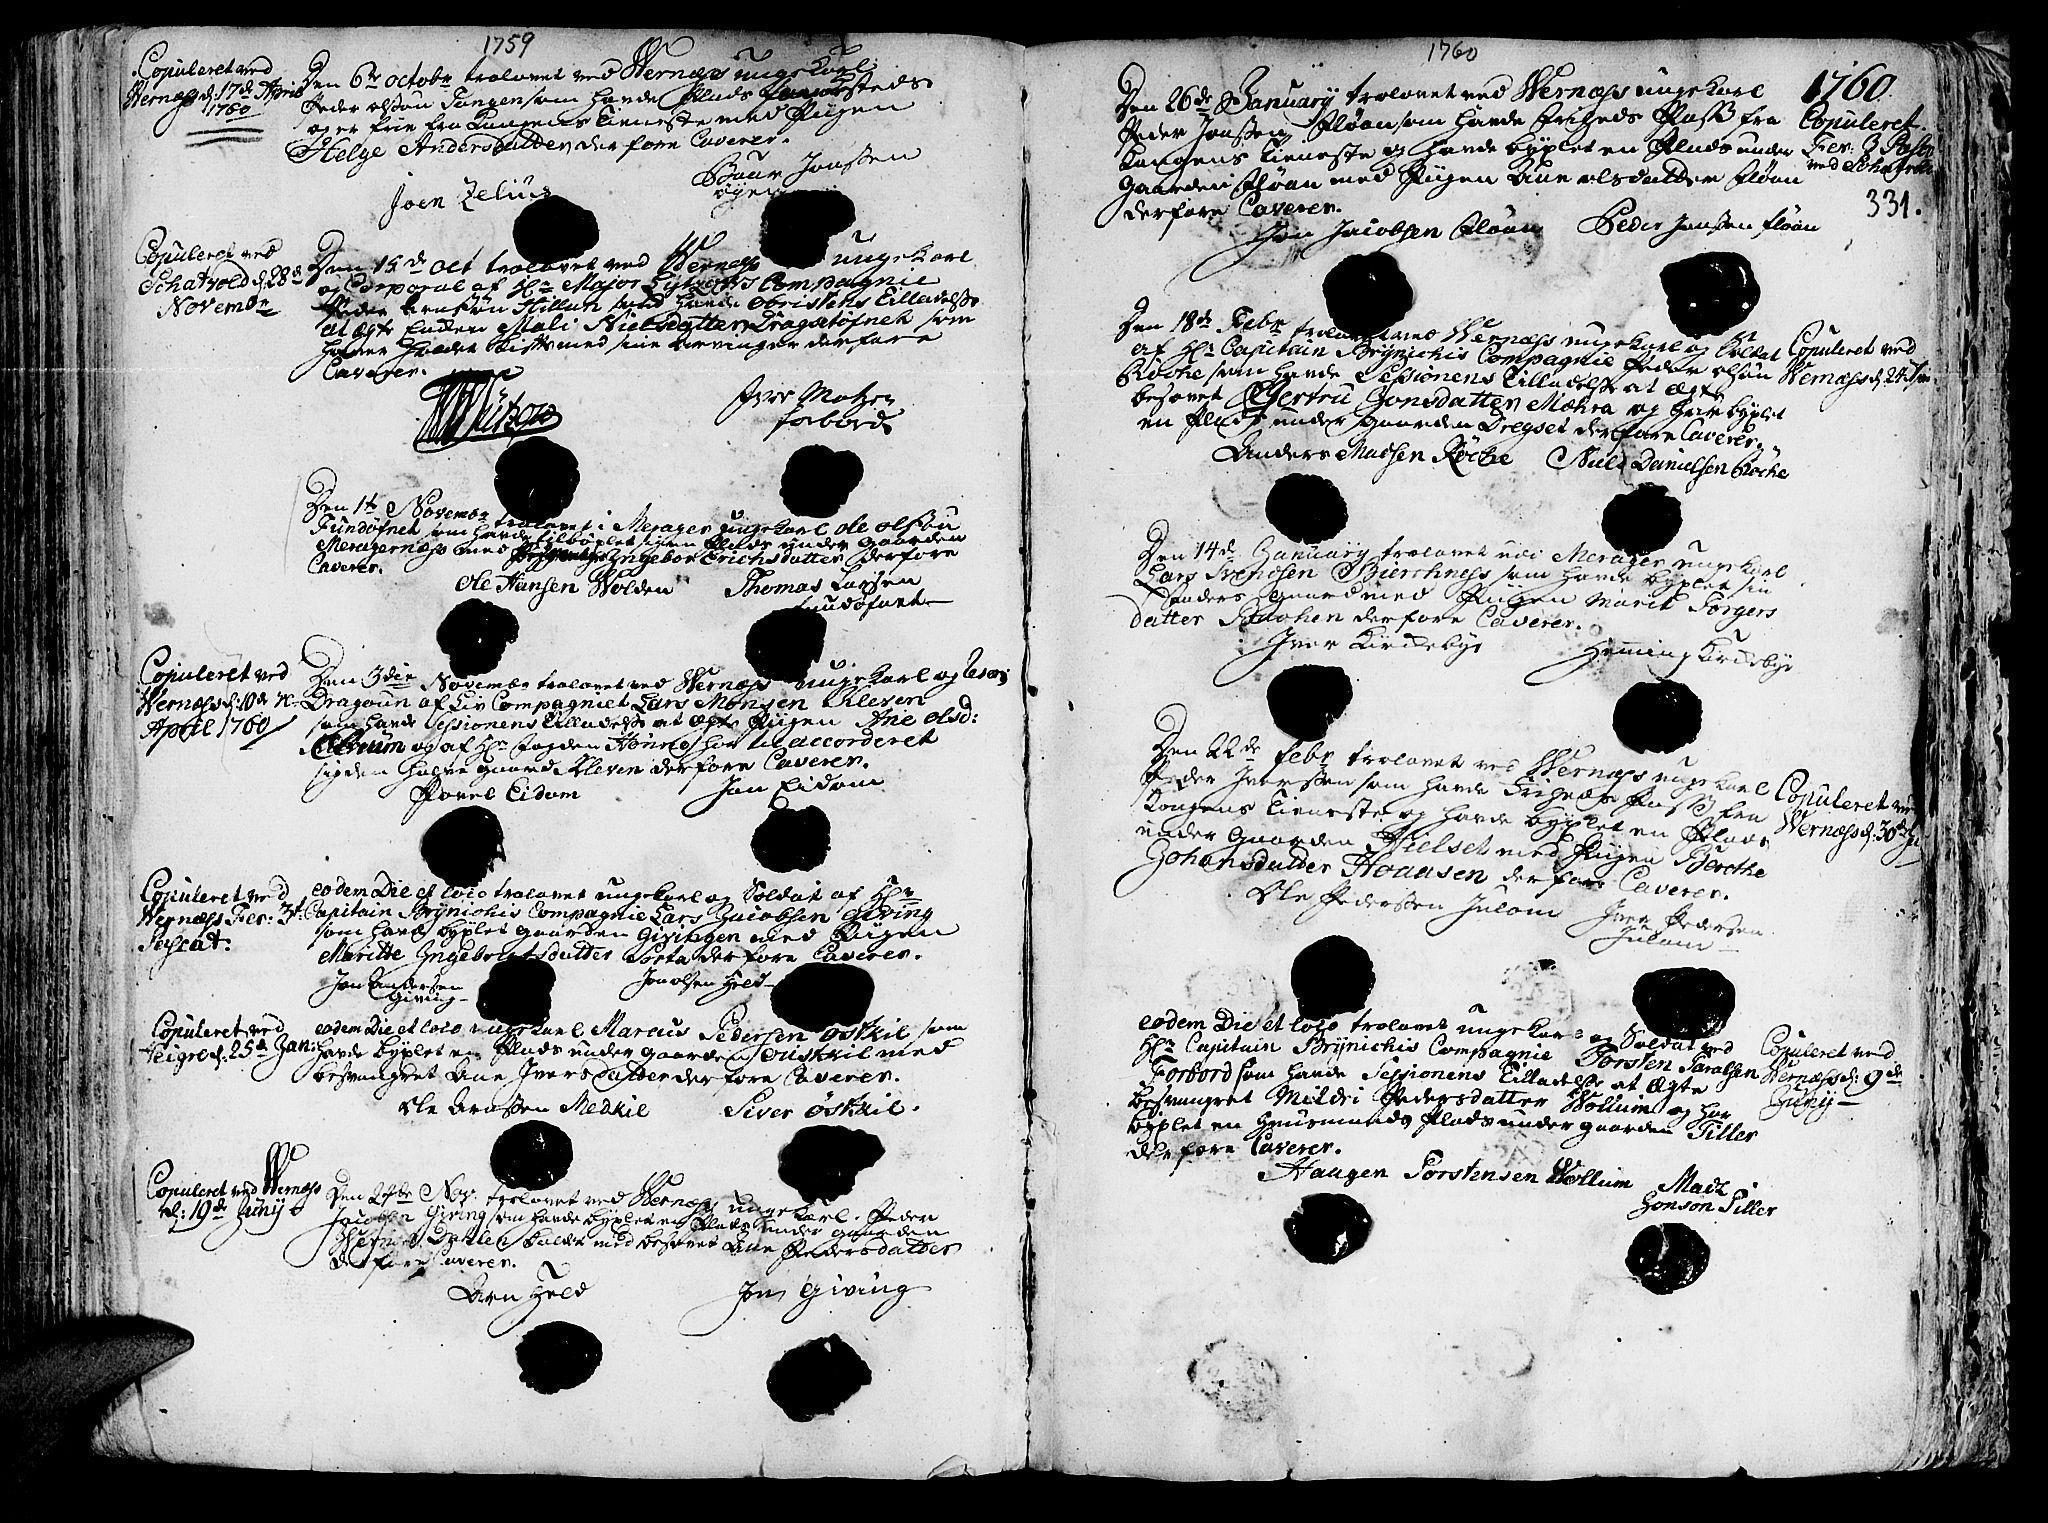 SAT, Ministerialprotokoller, klokkerbøker og fødselsregistre - Nord-Trøndelag, 709/L0057: Ministerialbok nr. 709A05, 1755-1780, s. 331